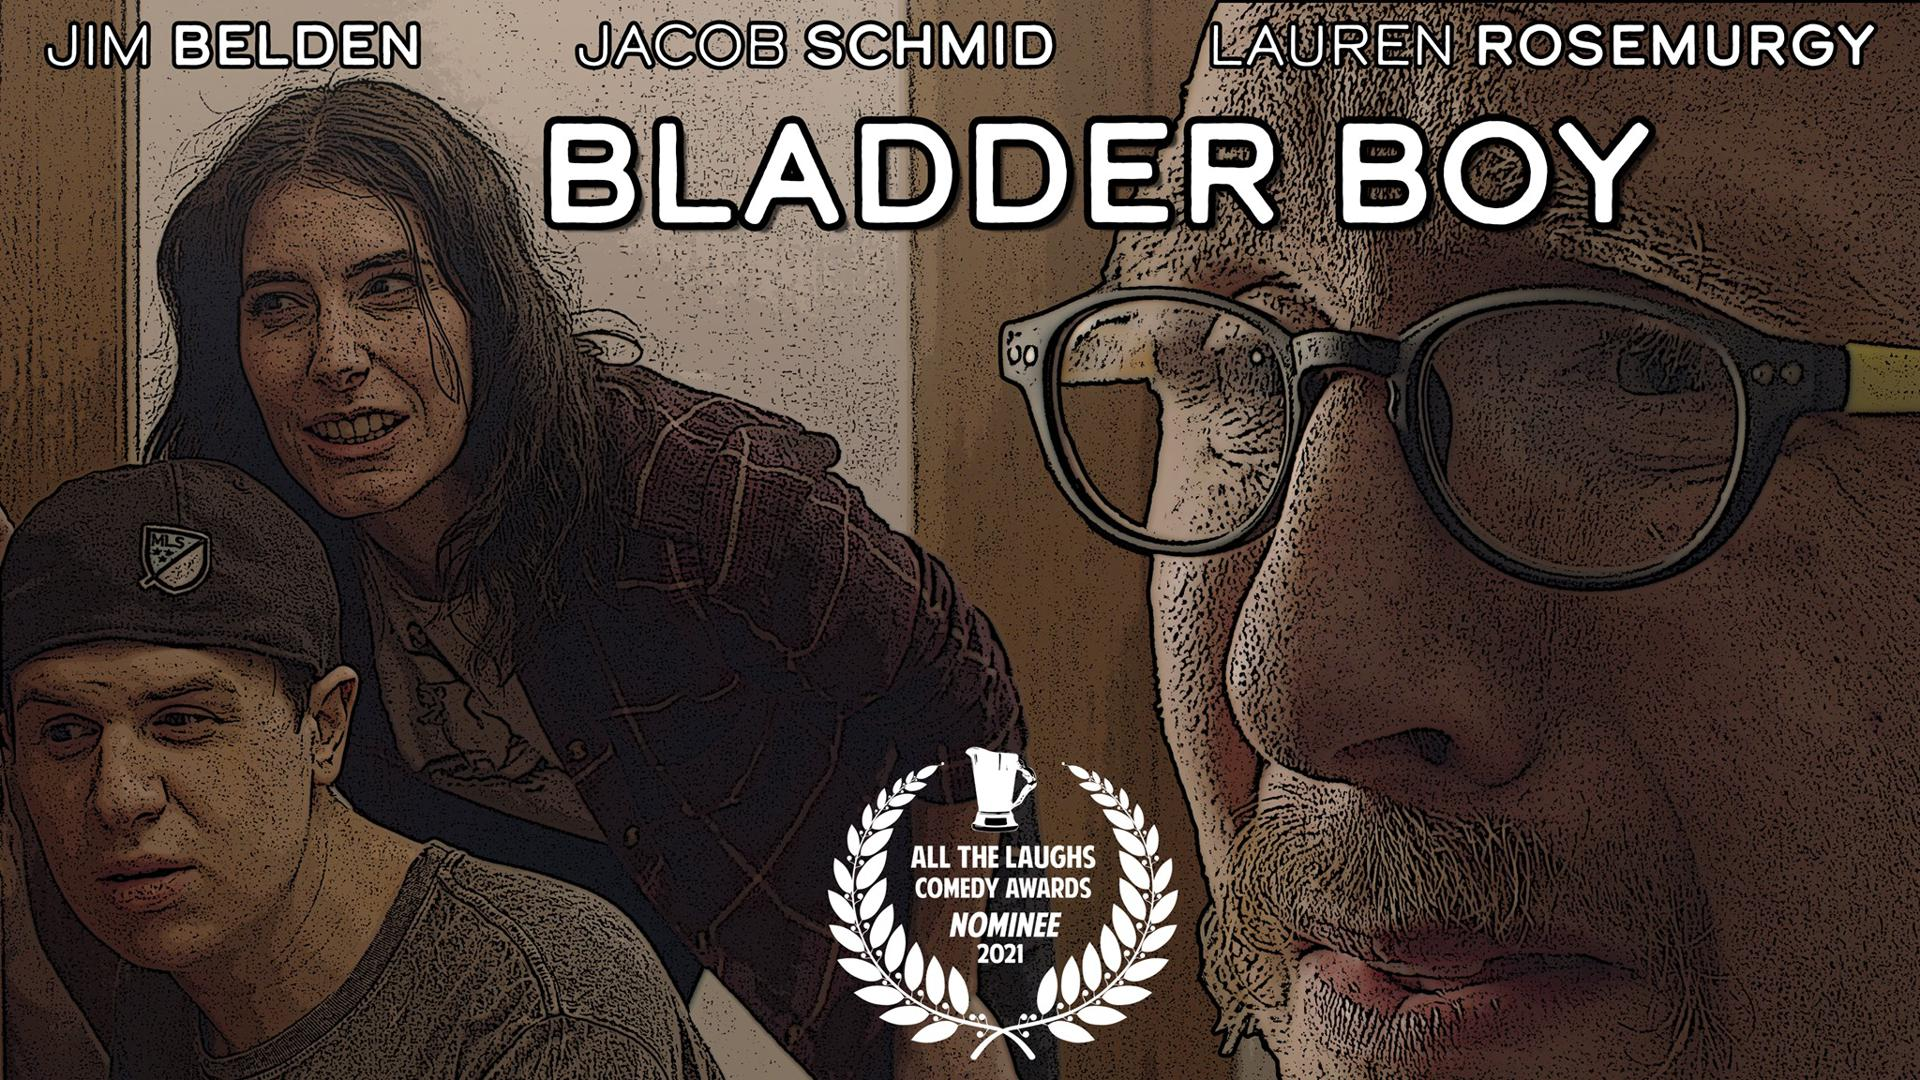 Bladder Boy